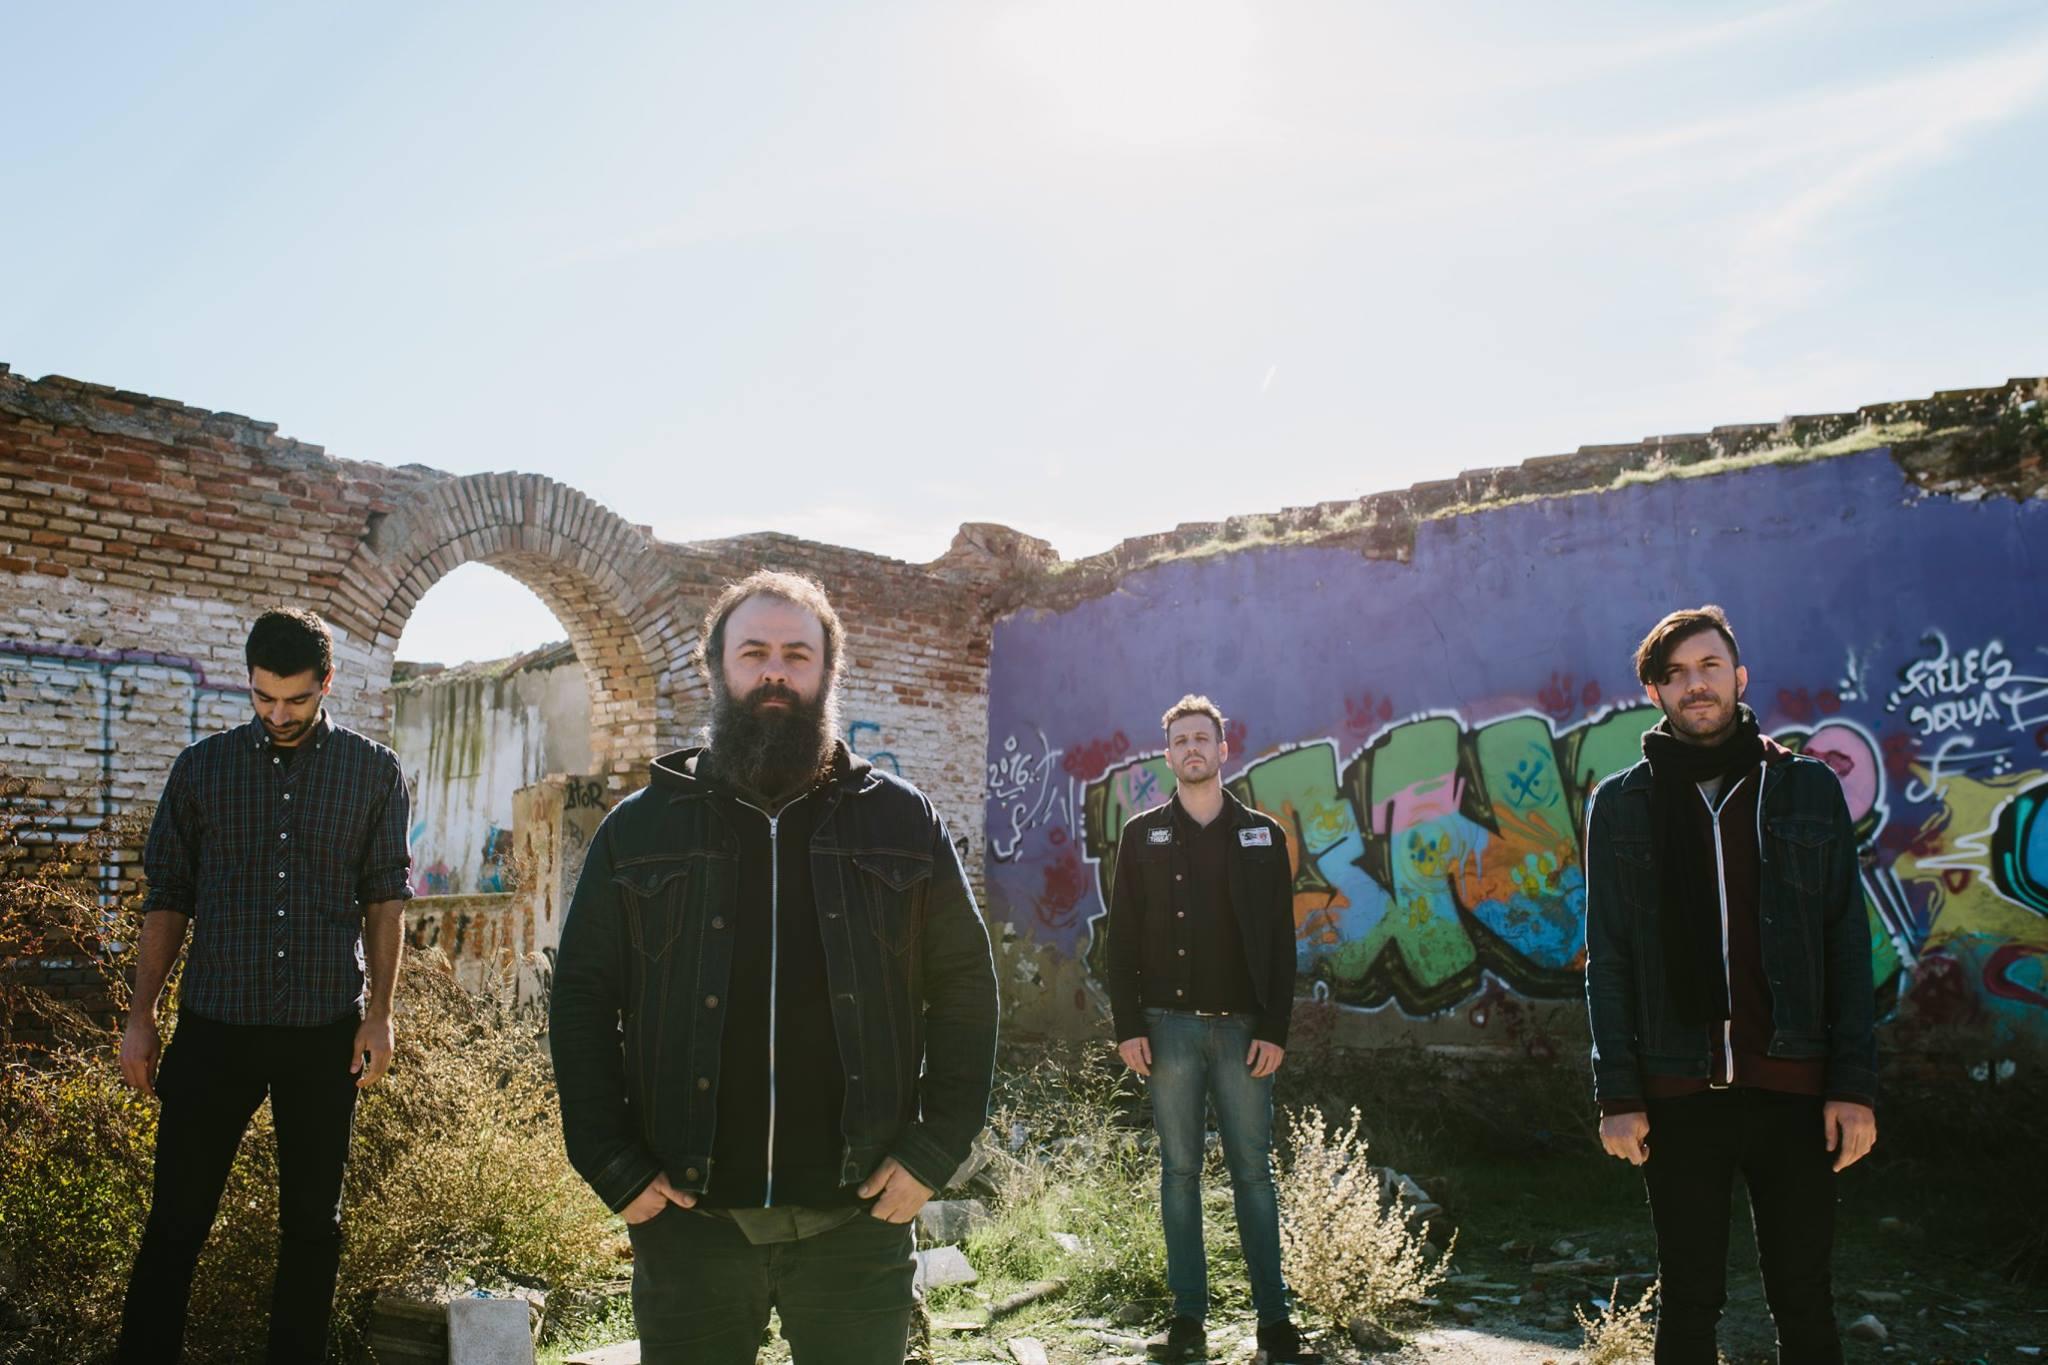 El post rock instrumental de Toundra llega al Aguere Cultural el 29 de diciembre